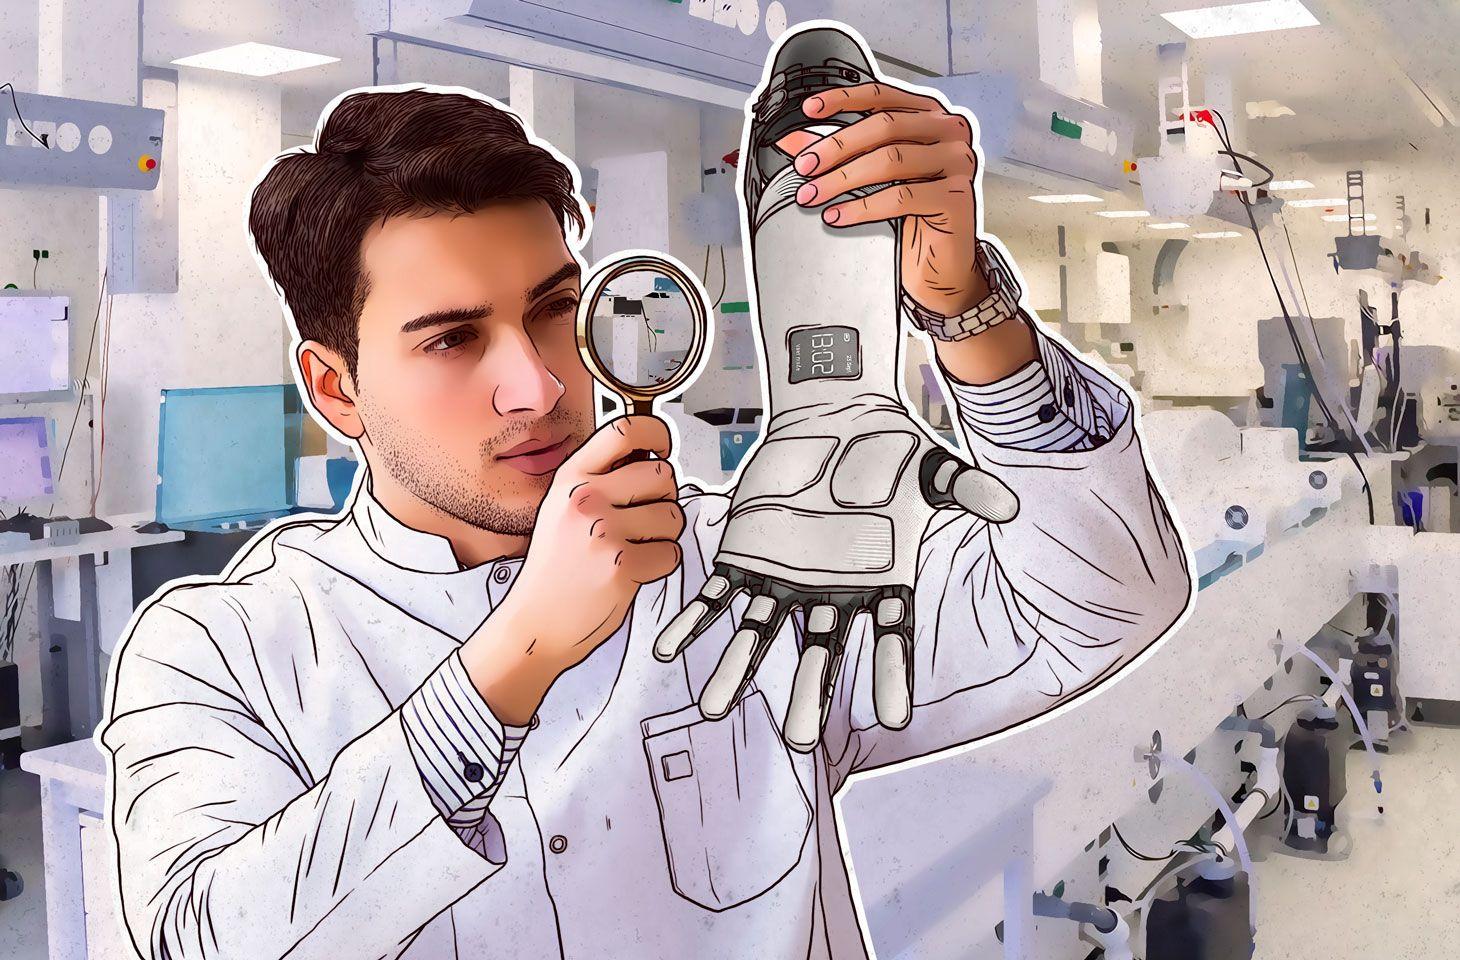 In occasione del Mobile World Congress 2019, i nostri esperti hanno presentato uno studio sulla sicurezza degli arti artificiali intelligenti Motorica.